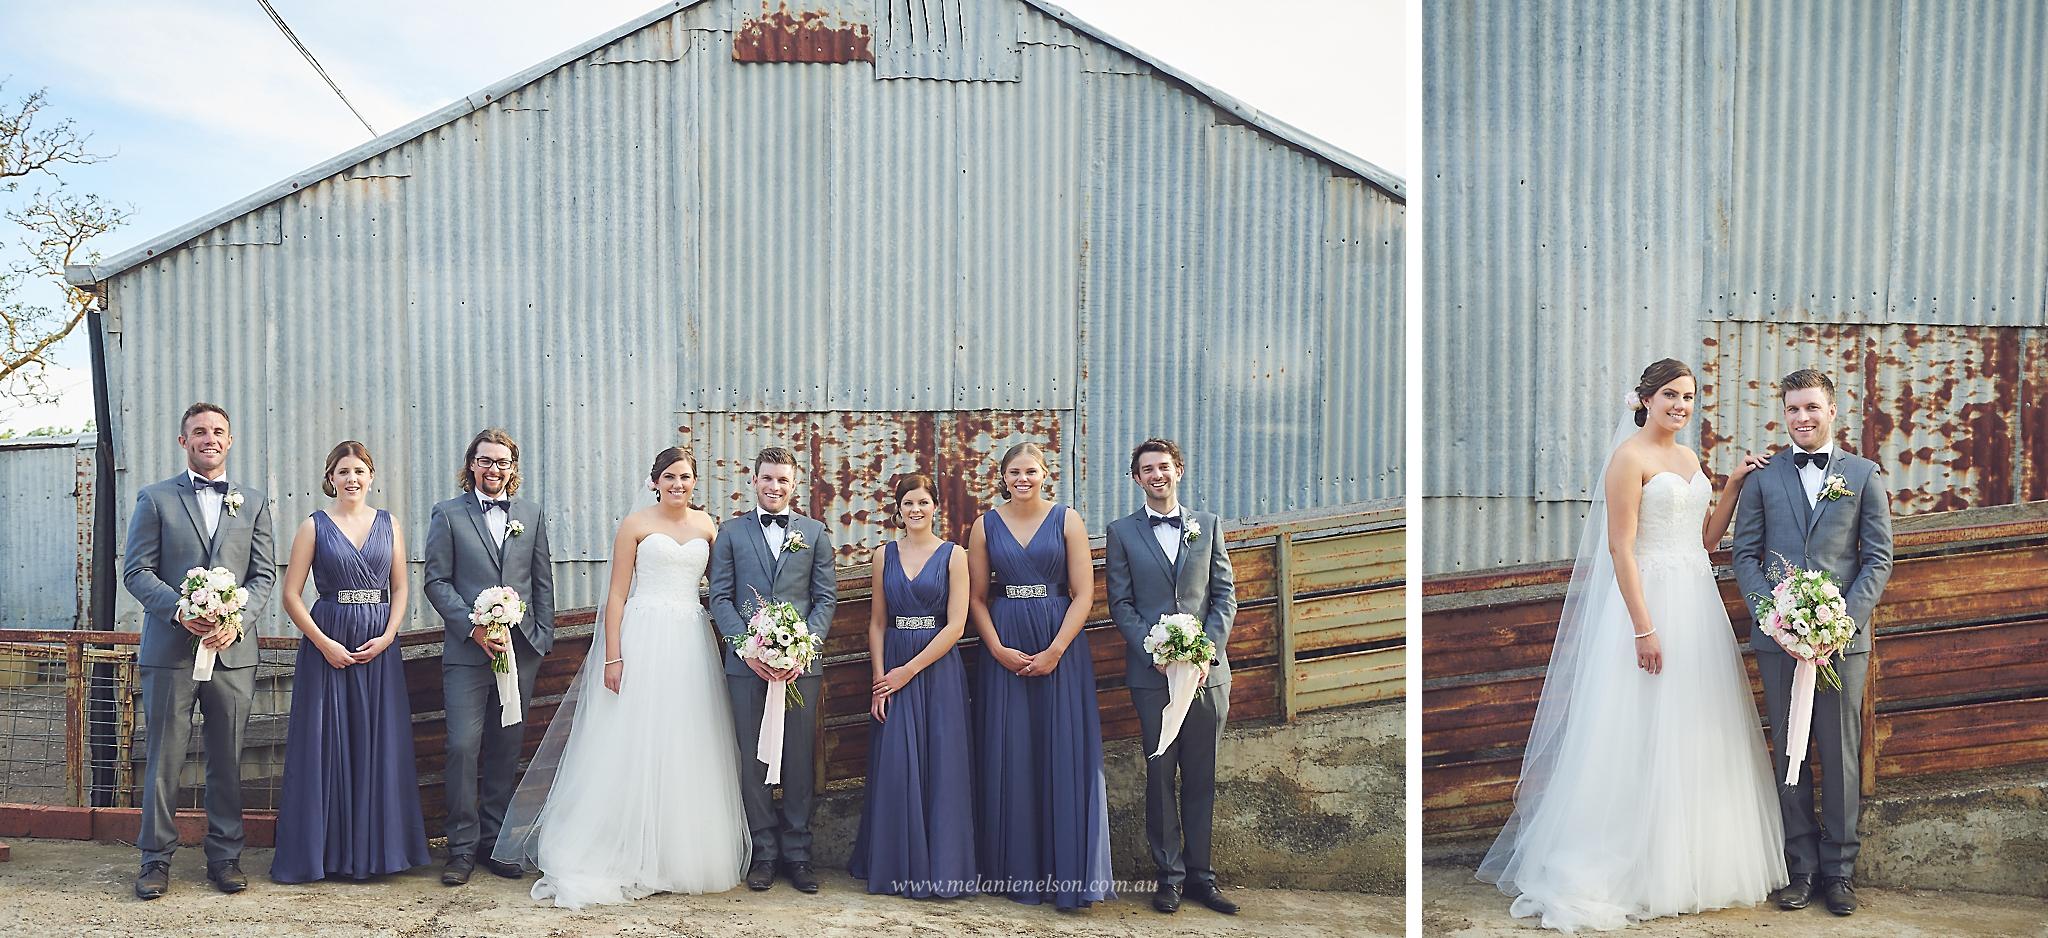 howards_vineyard_wedding_0016.jpg